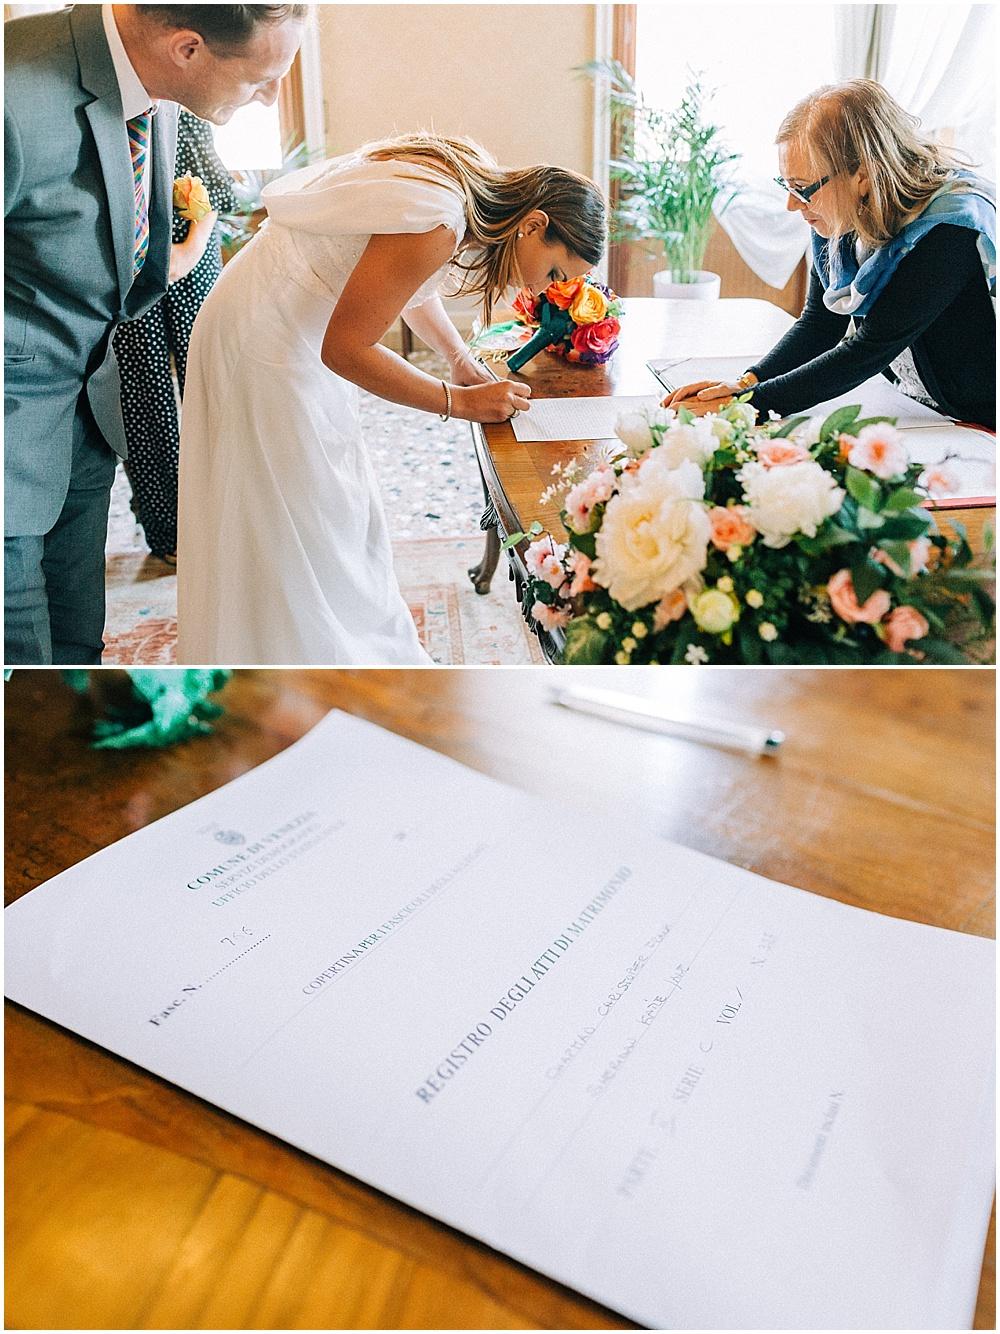 Venice-italy-wedding-photographer-stefano-degirmenci_0566.jpg